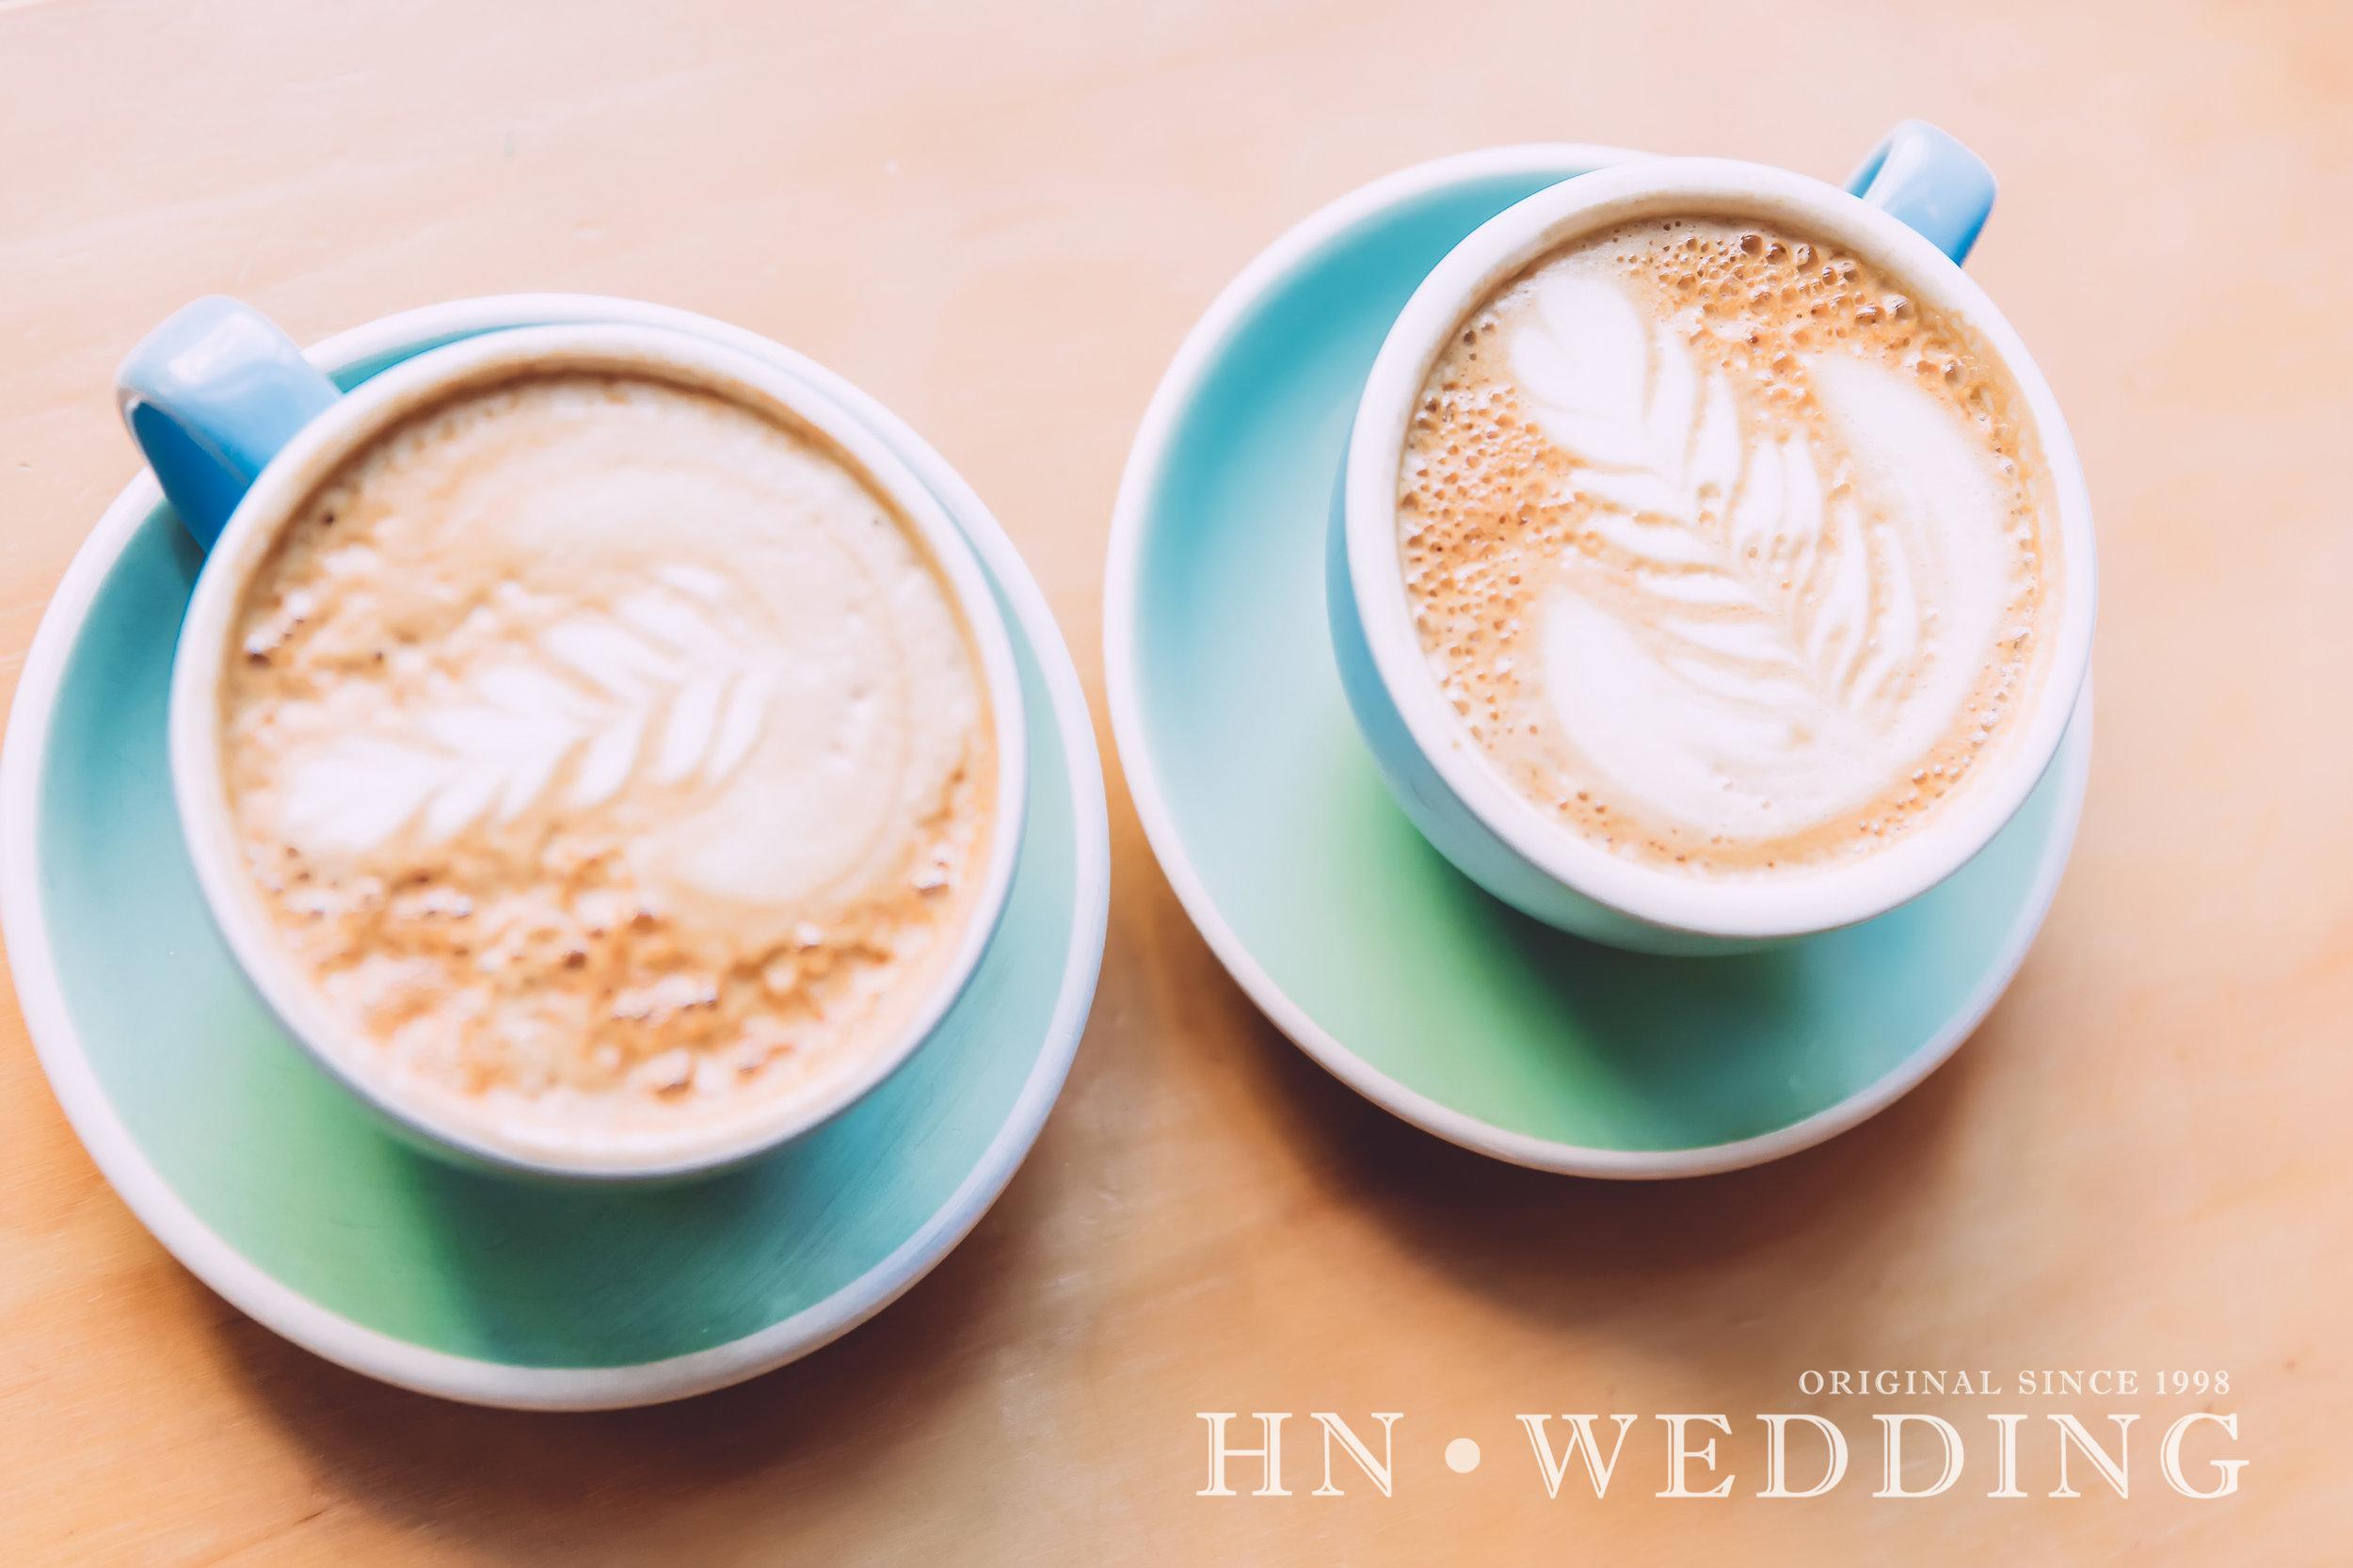 hnweddingprewedding20190220-25.jpg